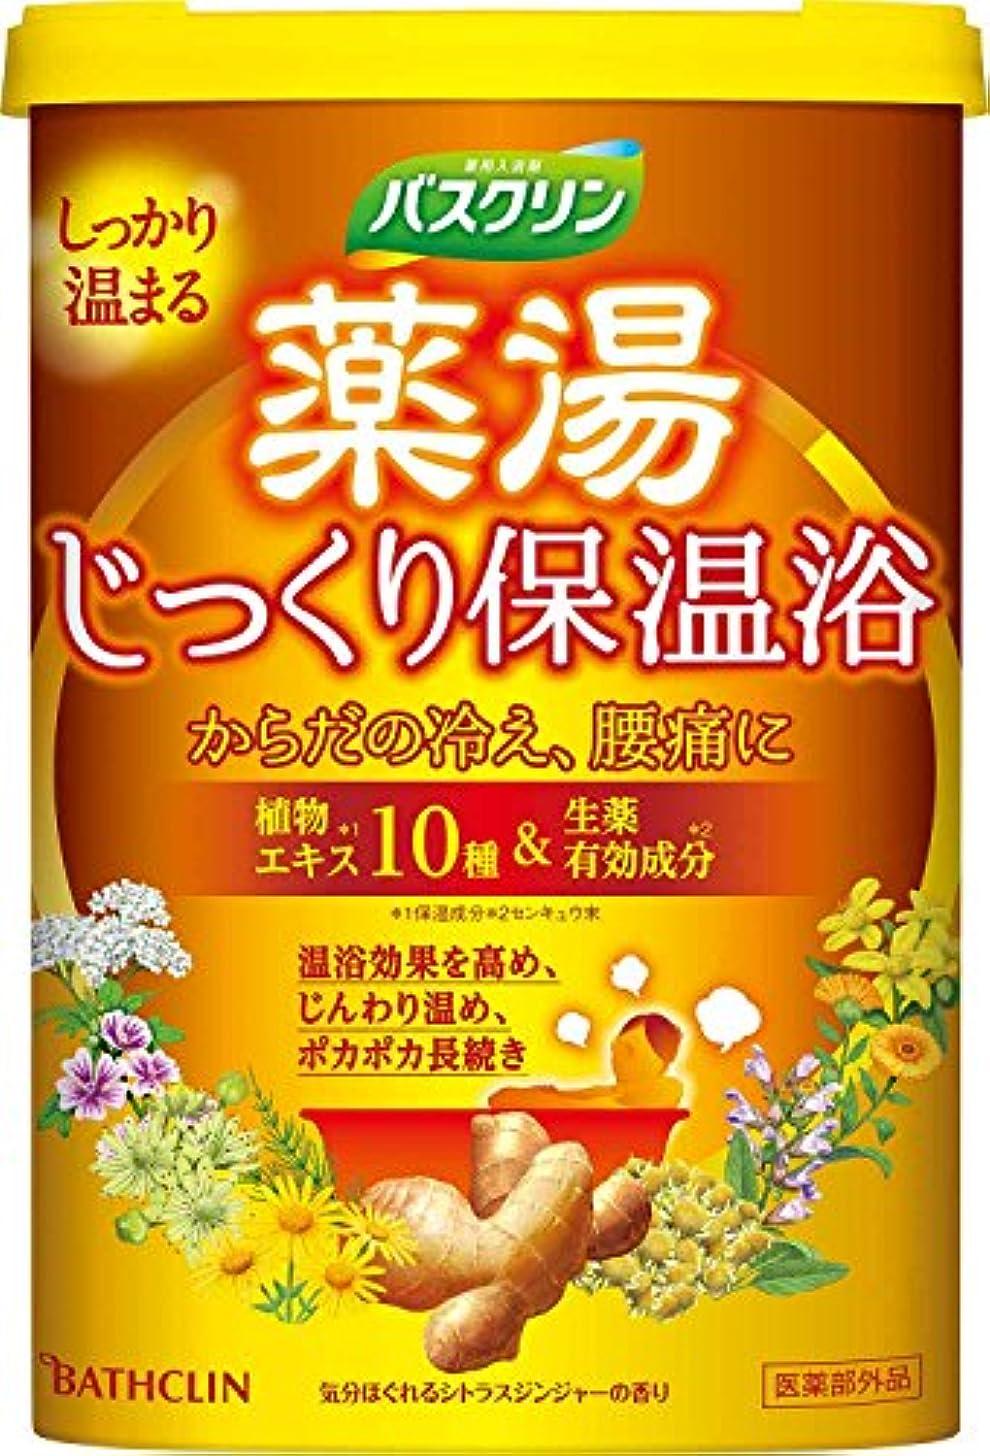 影摘む政策【医薬部外品】バスクリン 薬湯じっくり保温浴600g入浴剤